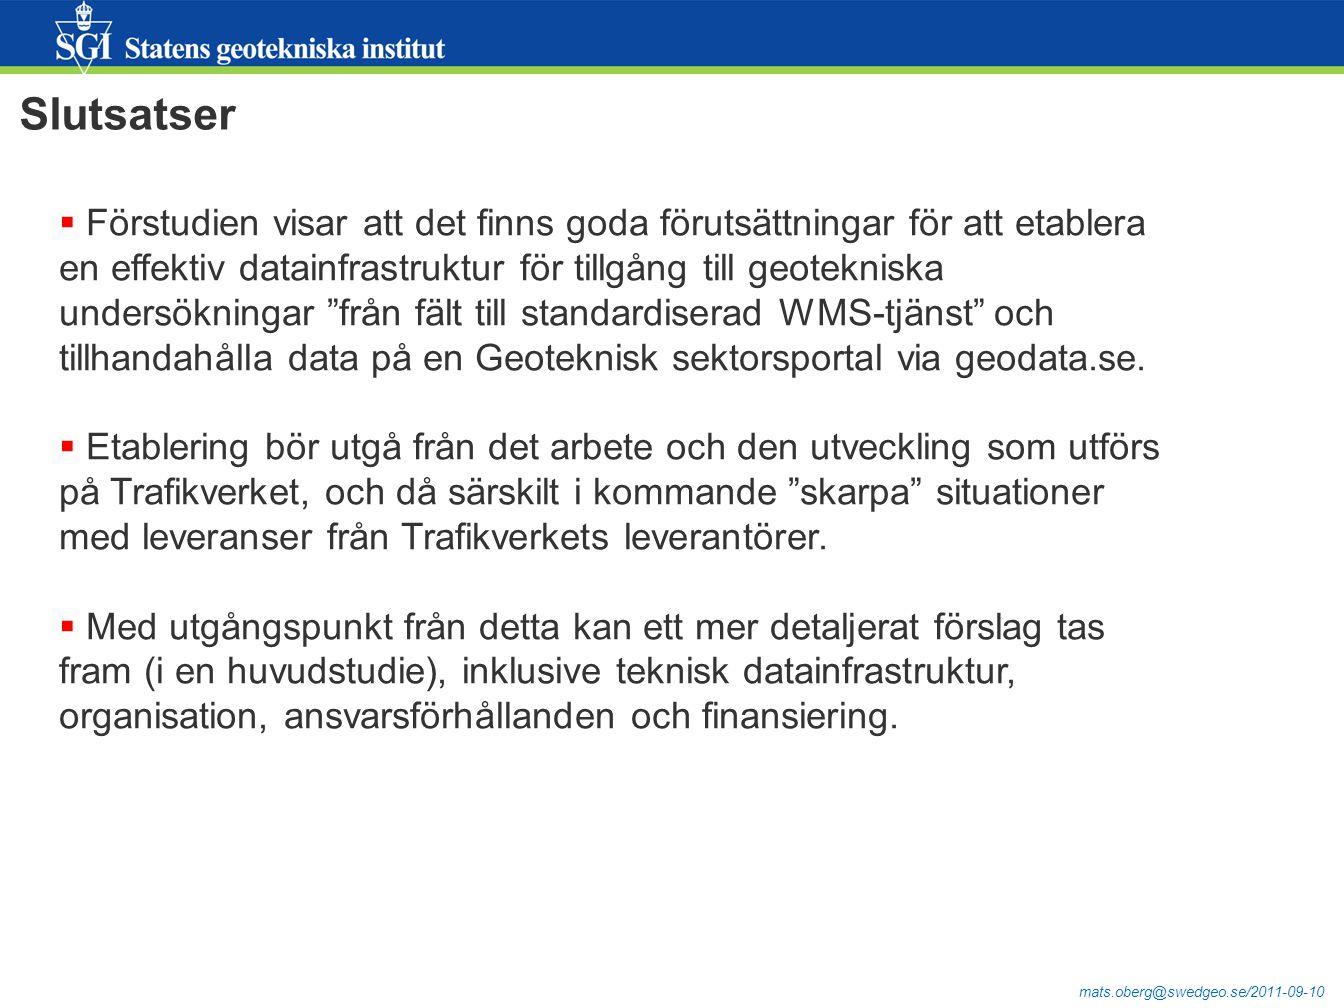 mats.oberg@swedgeo.se/2011-09-10 Slutsatser  Förstudien visar att det finns goda förutsättningar för att etablera en effektiv datainfrastruktur för tillgång till geotekniska undersökningar från fält till standardiserad WMS-tjänst och tillhandahålla data på en Geoteknisk sektorsportal via geodata.se.